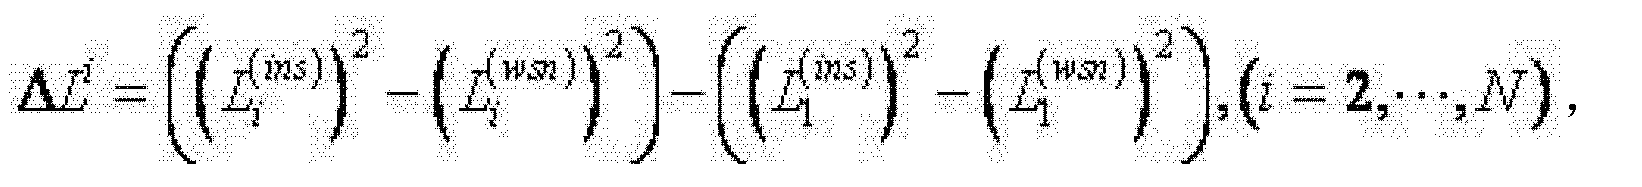 Figure CN102692223BD000710